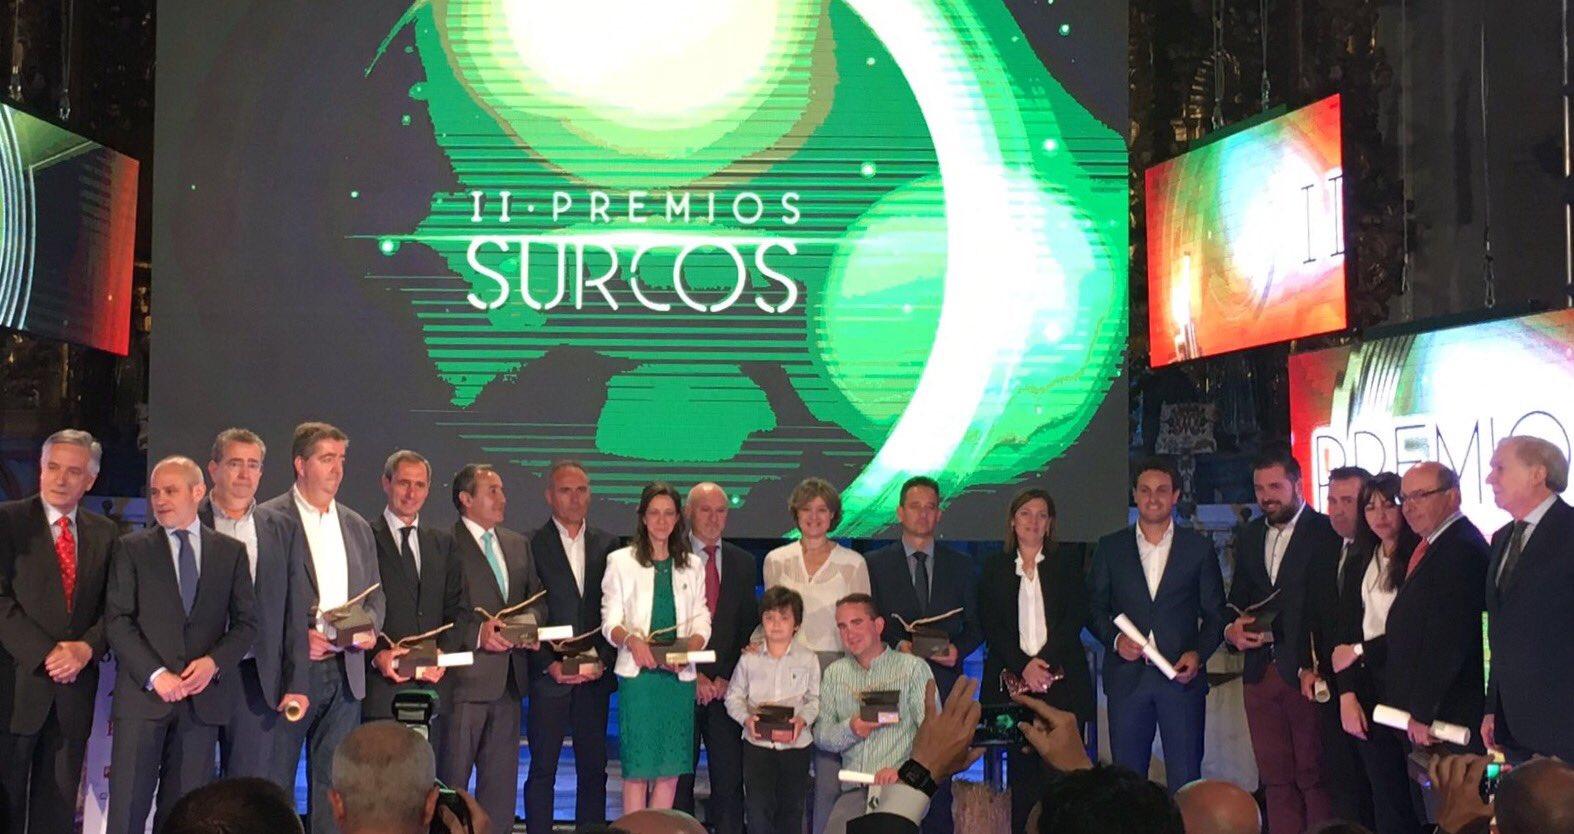 Felicidades a los ganadores #PremiosSurcos 👏👏y enhorabuena a @rtvcyl y @SurcosCyL por vuestro apoyo al sector primario!! https://t.co/dsB1nQFyx0